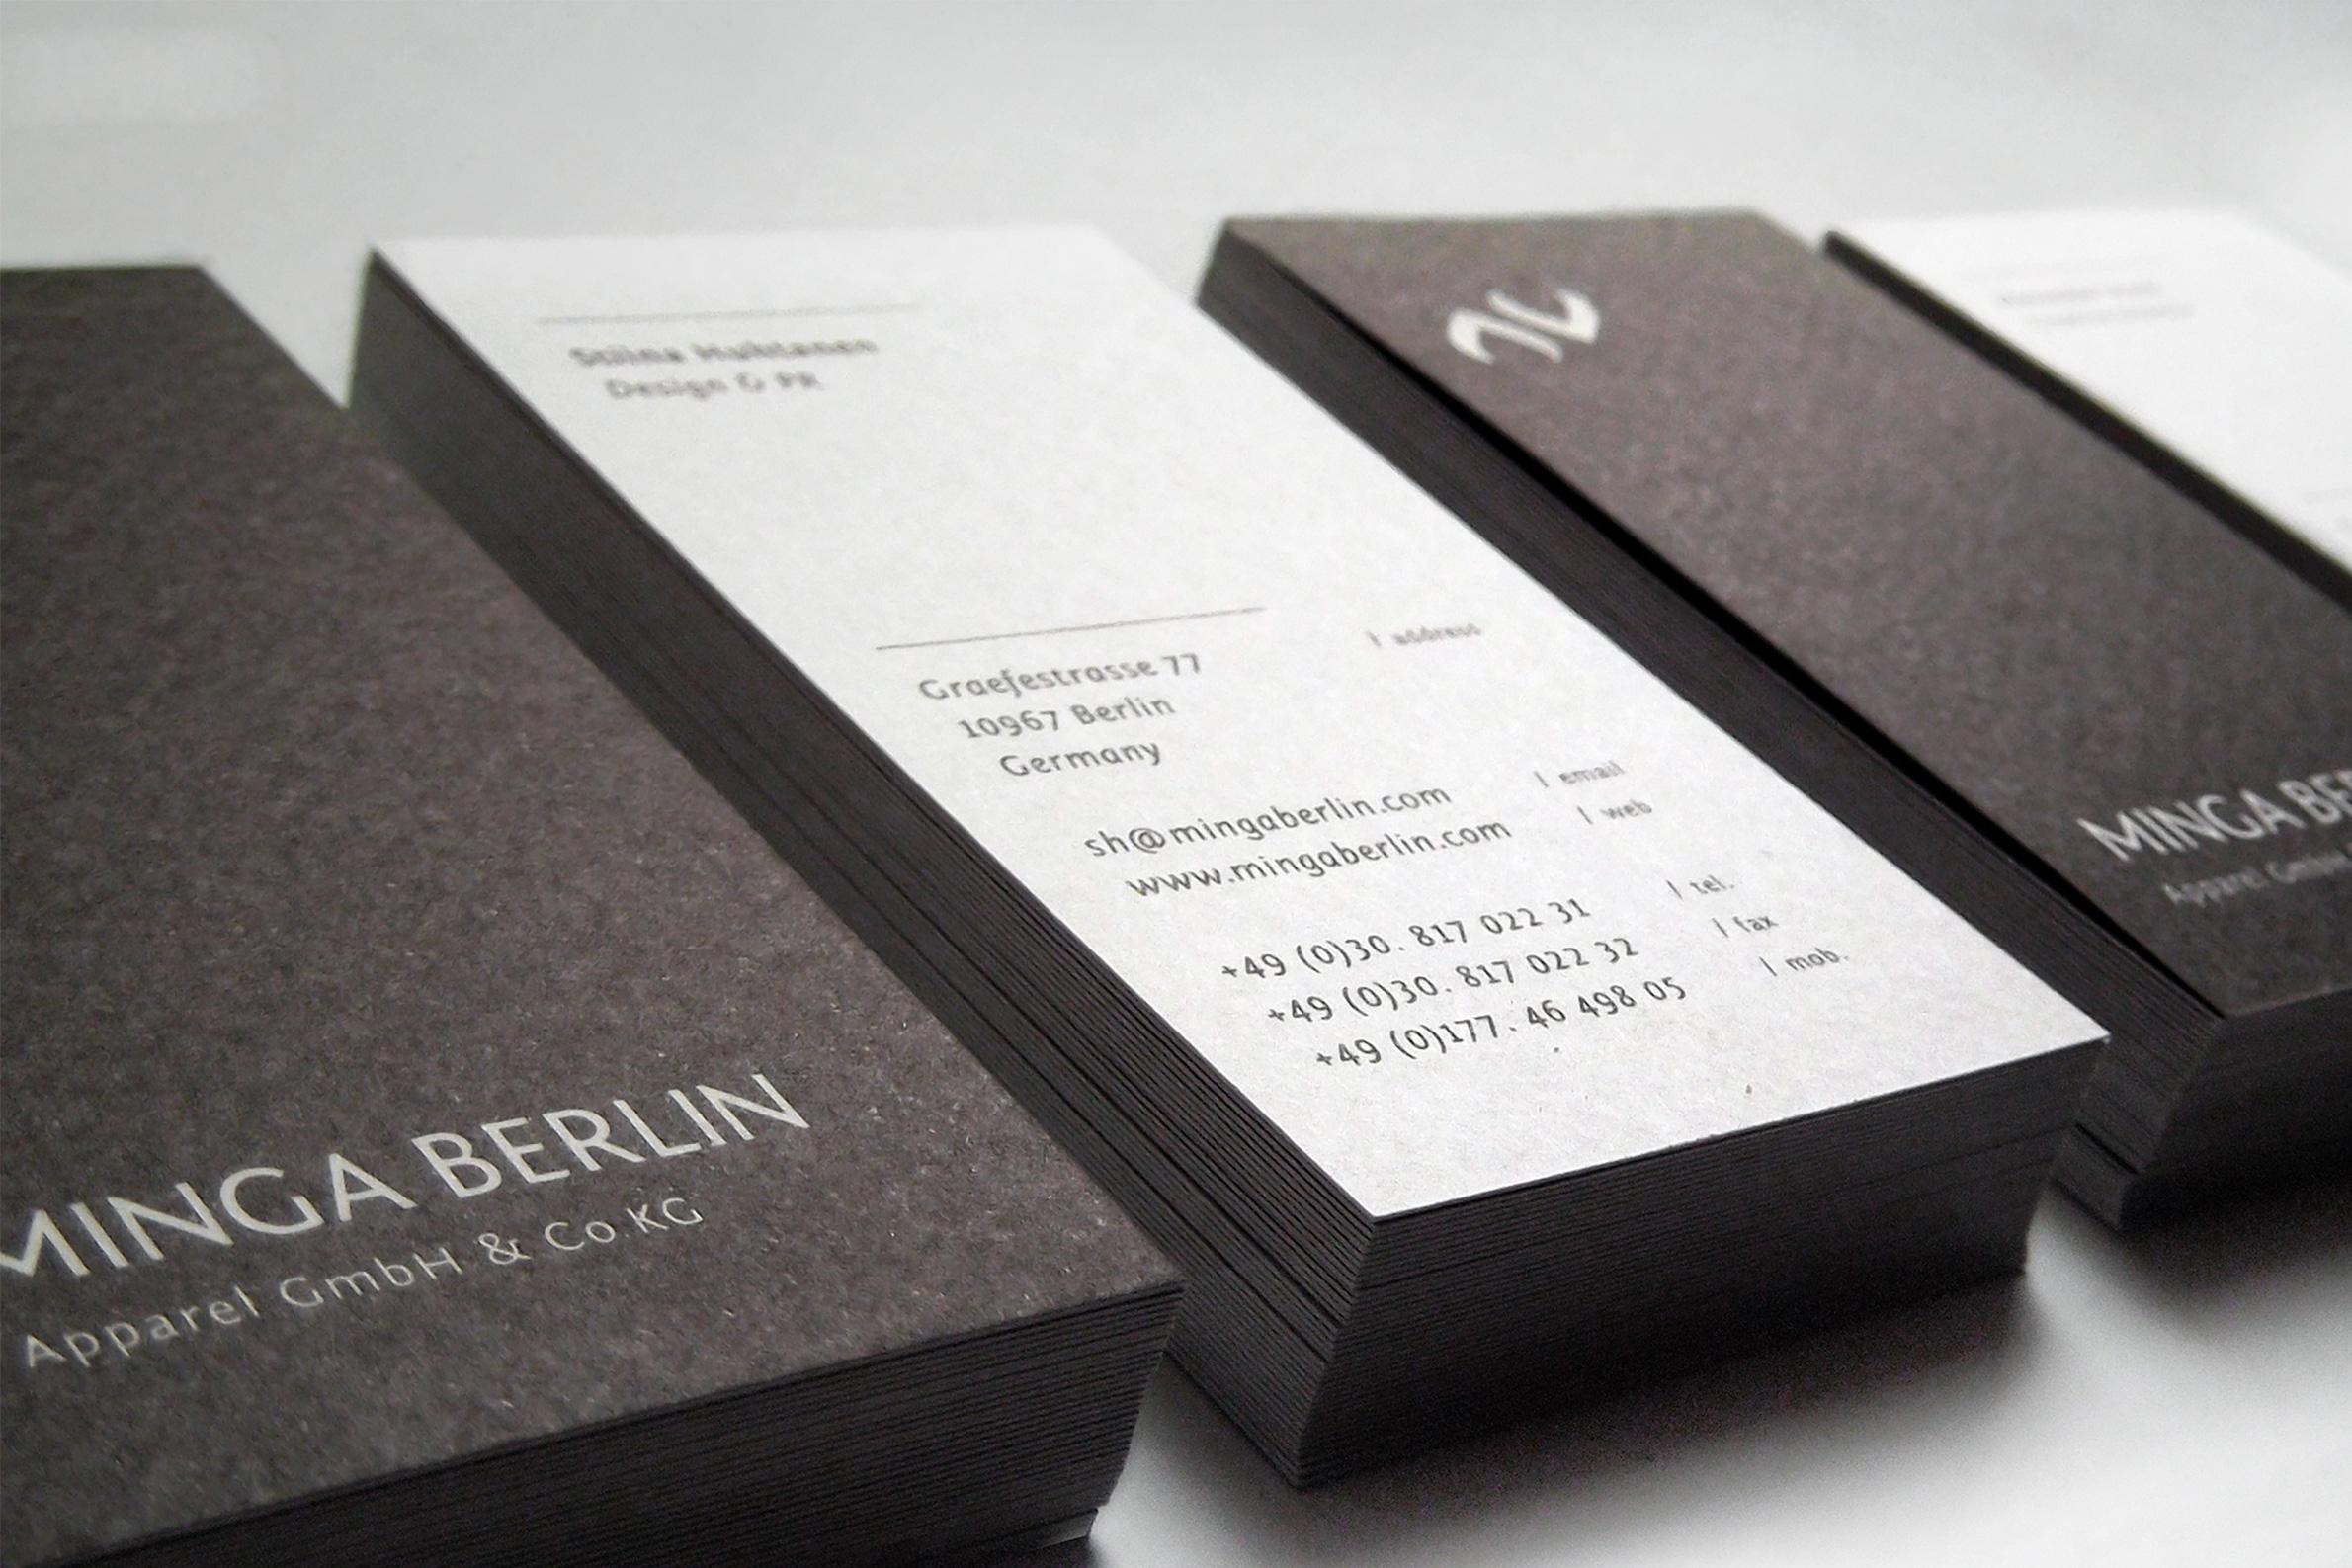 Minga Berlin Socks / Branding, Web, Print